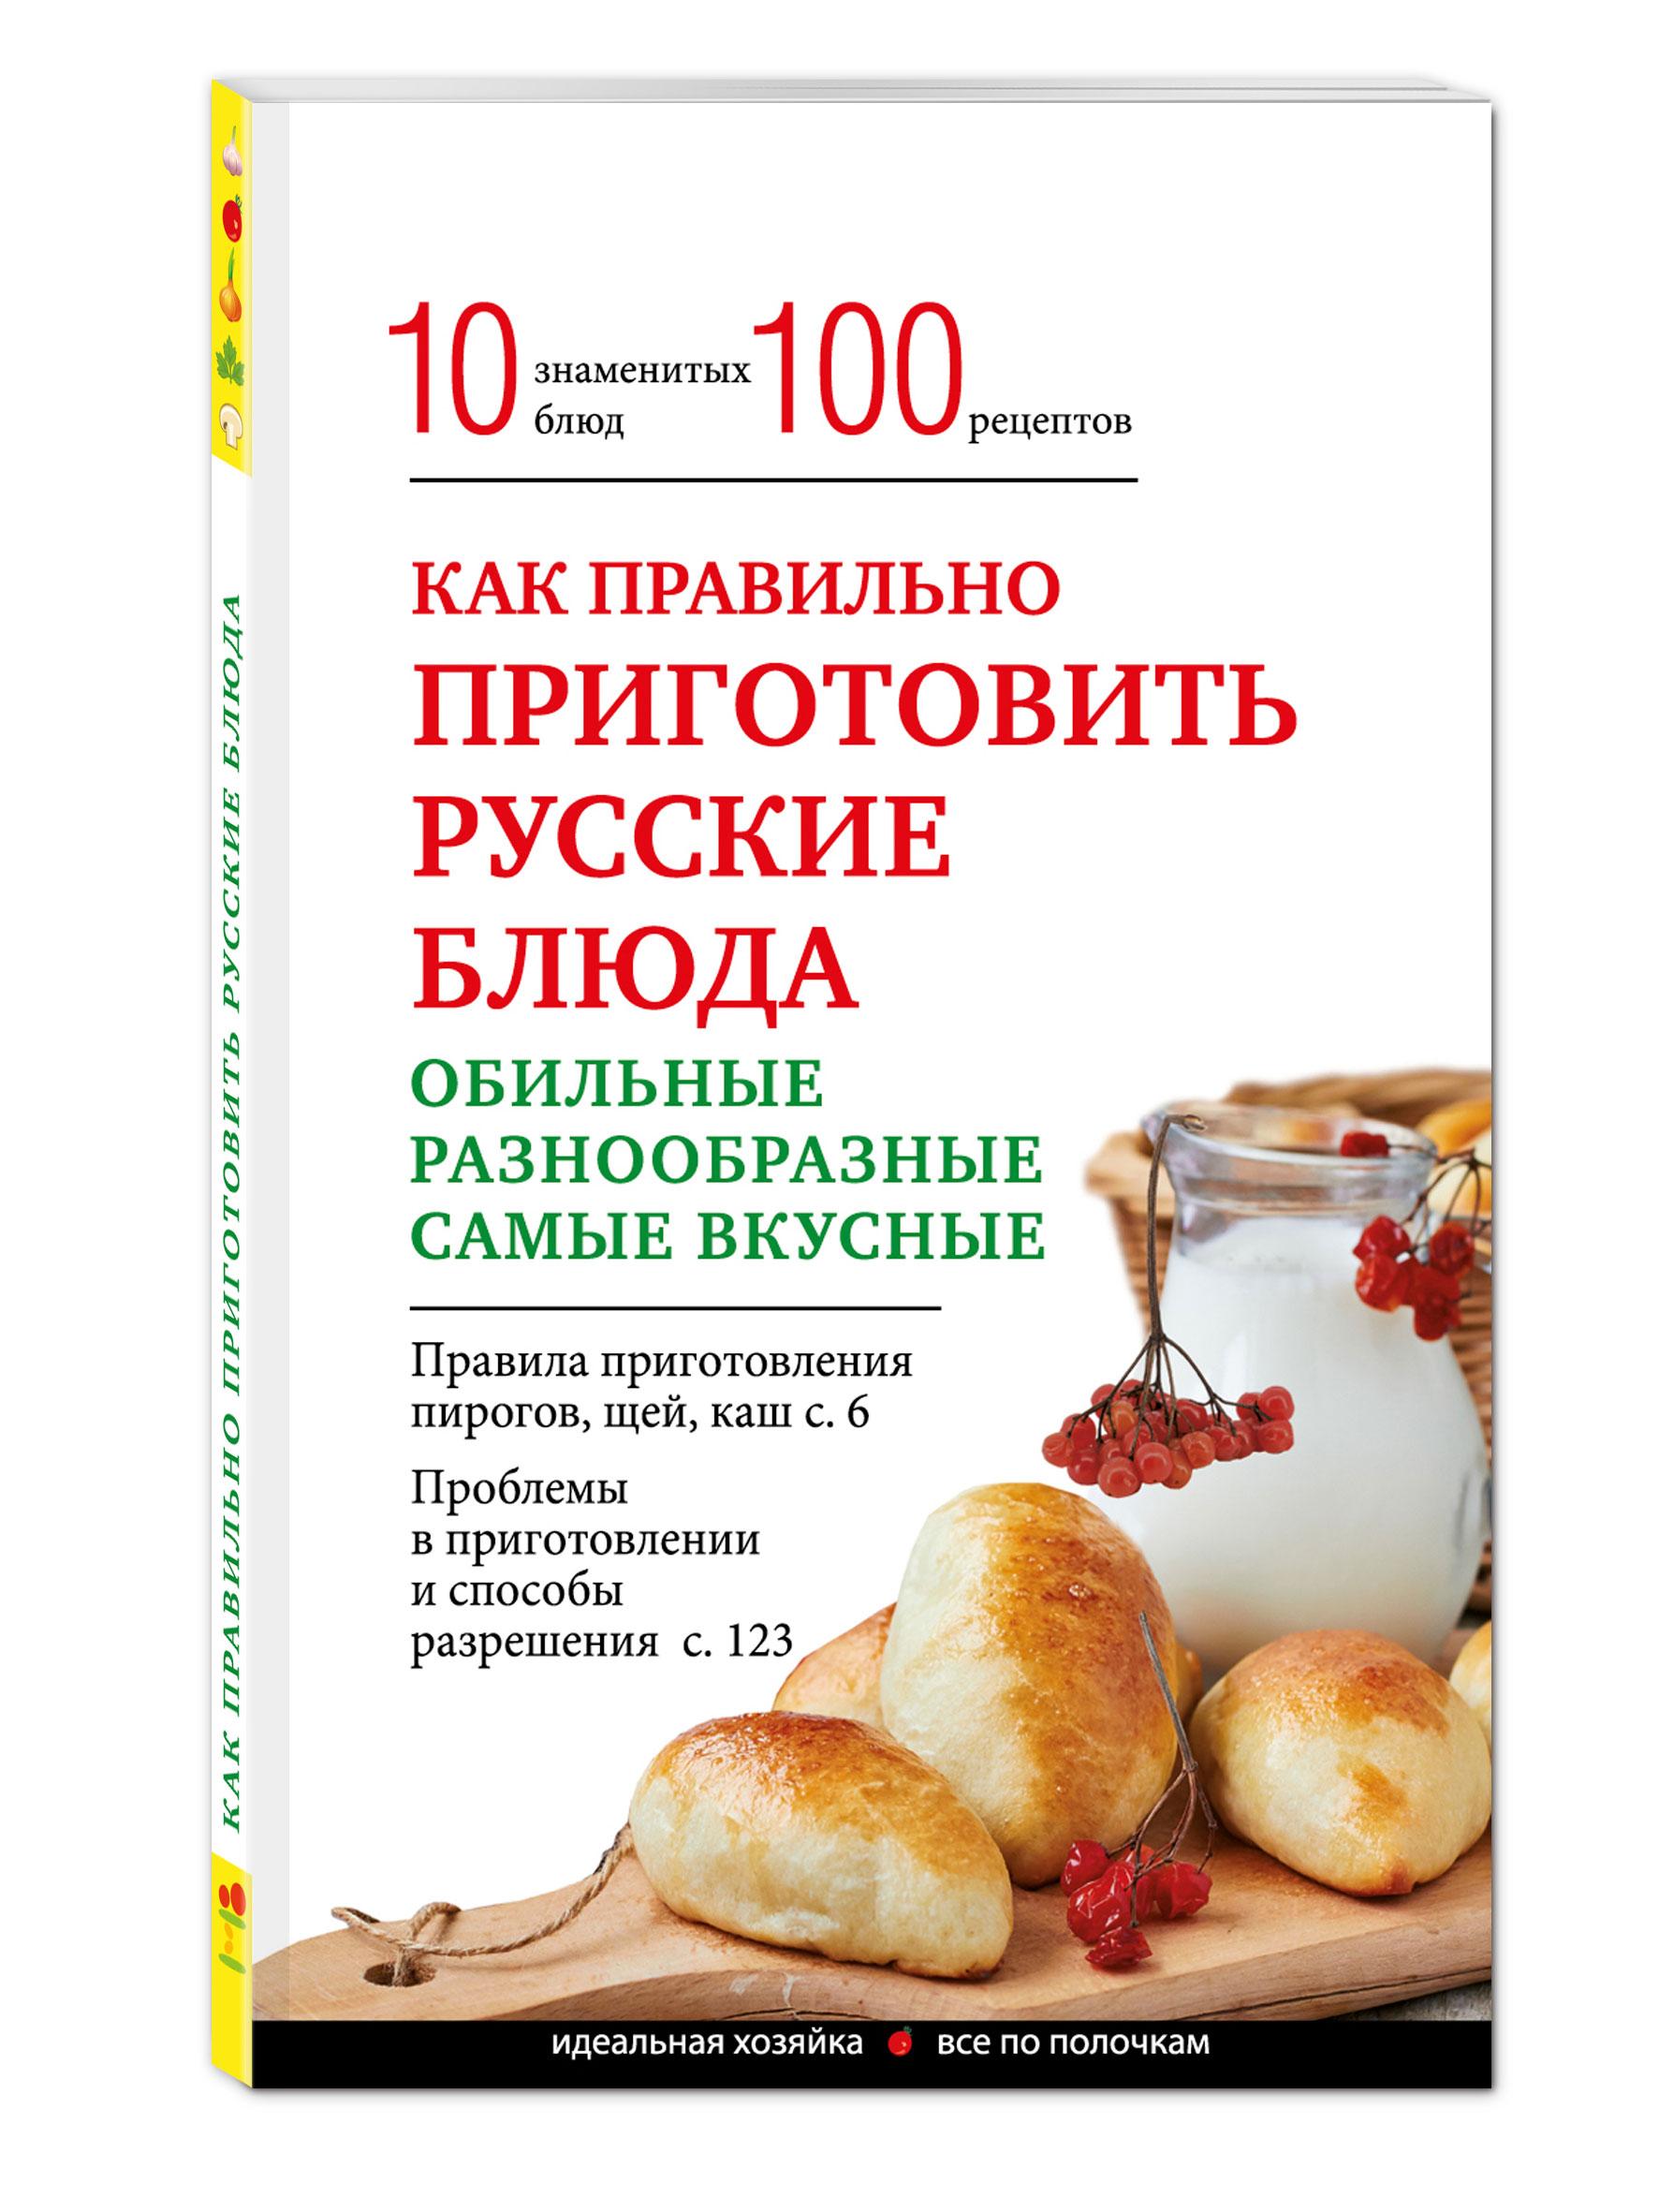 Боровская Э. Как правильно приготовить русские блюда боровская э как правильно приготовить русские блюда